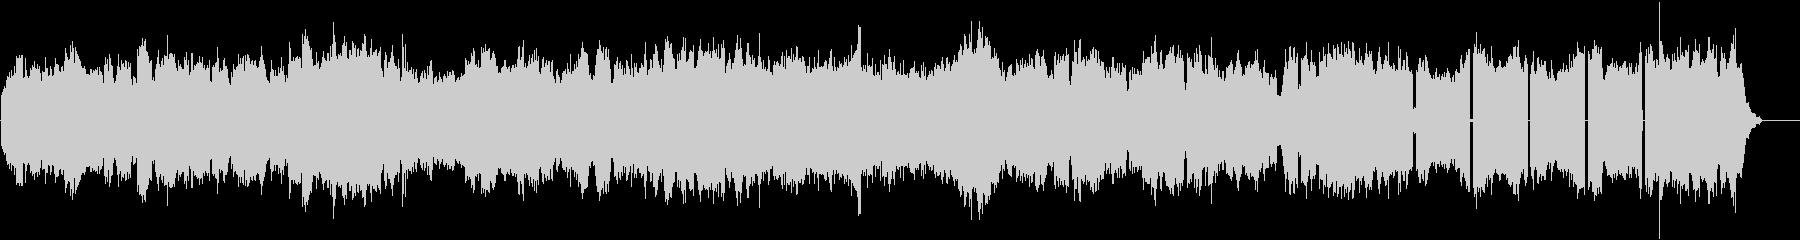 ドローン フリーズ02の未再生の波形